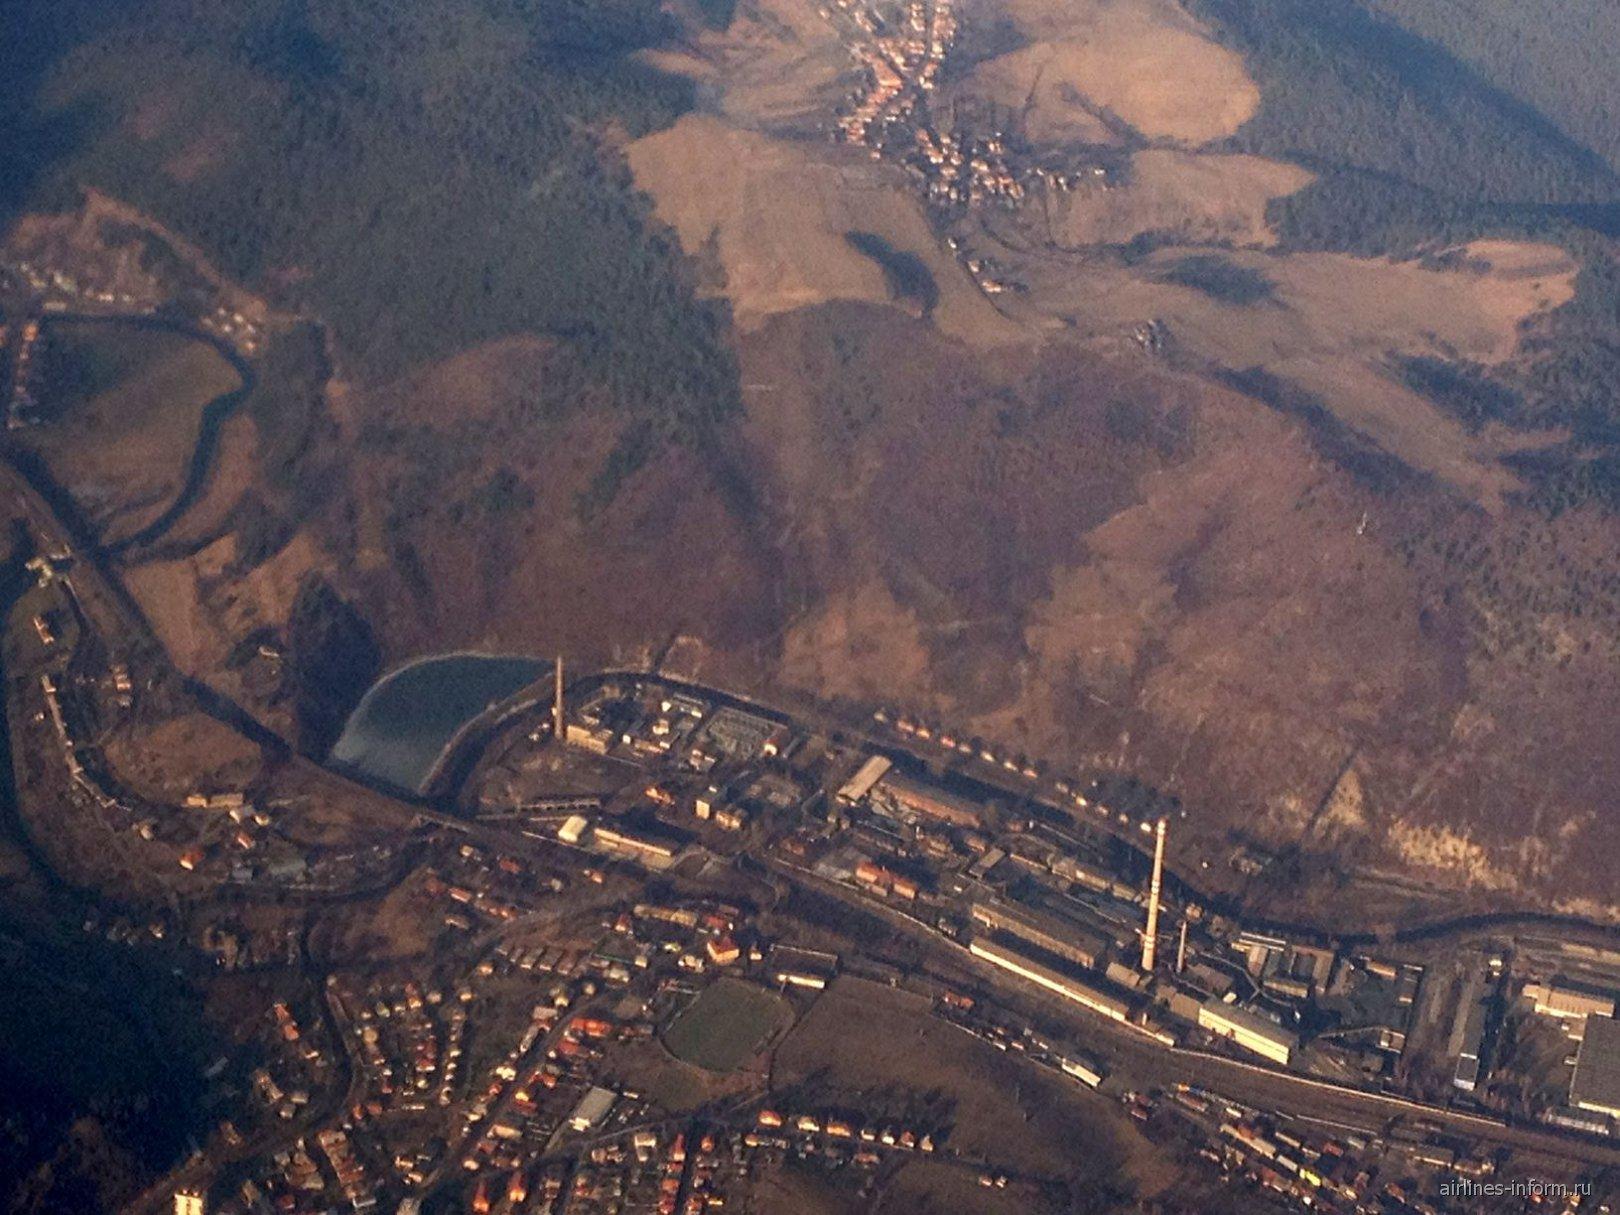 Теплостанция в Словакии